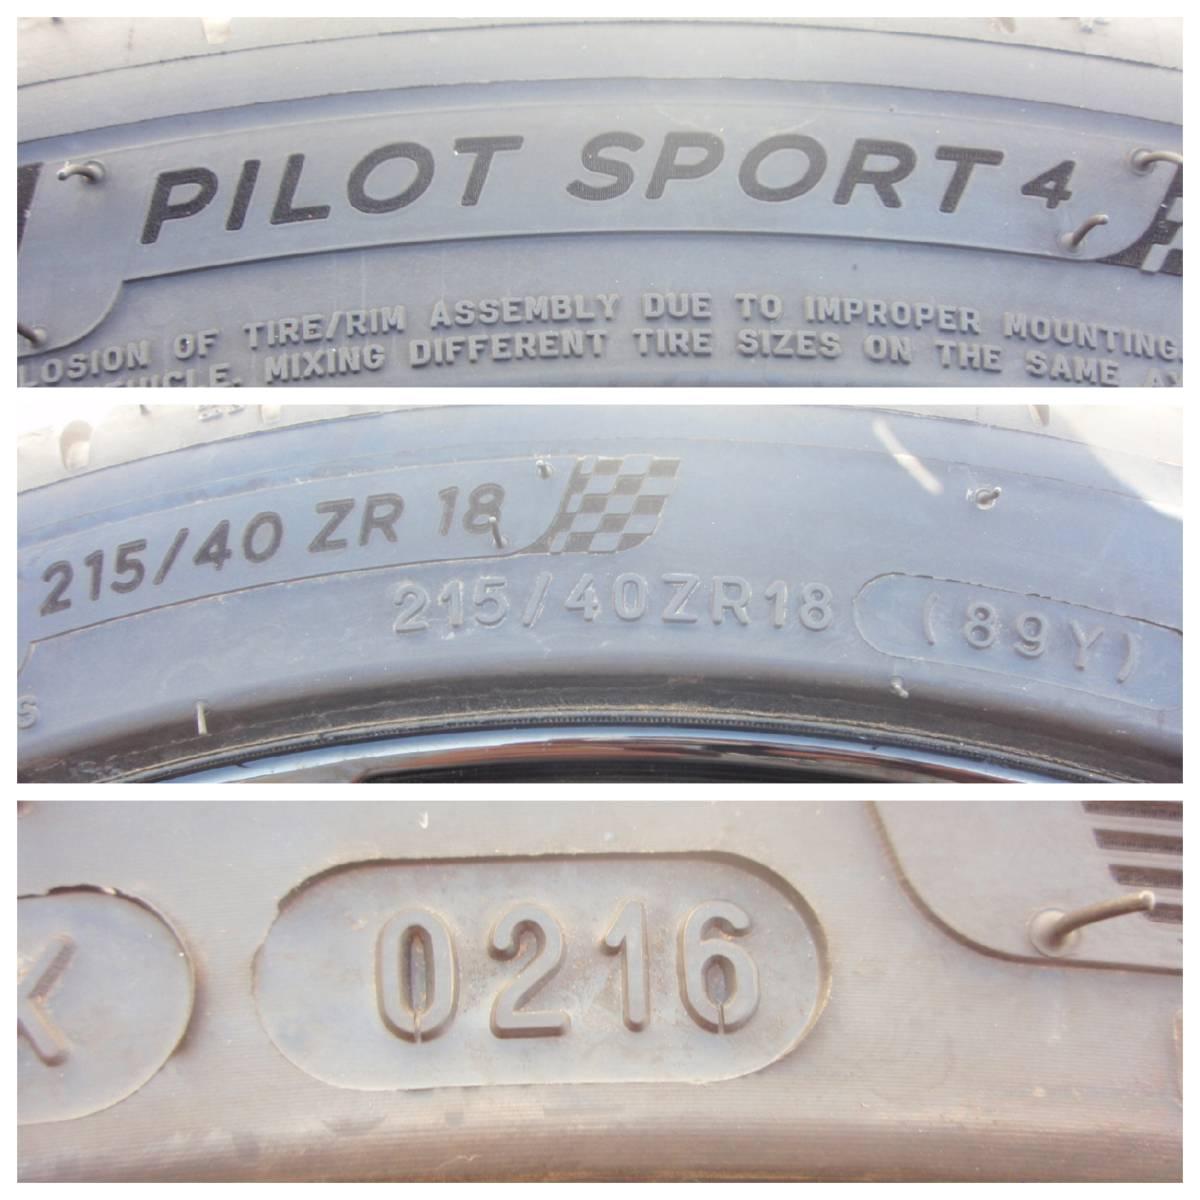 ★4本セットです 極上美品 SUBARU BRZ STI ホイール 18x7.5J & バリ山 MICHELIN PILOT SPORT4 215/40ZR18 (スバル ENKEI)_画像9